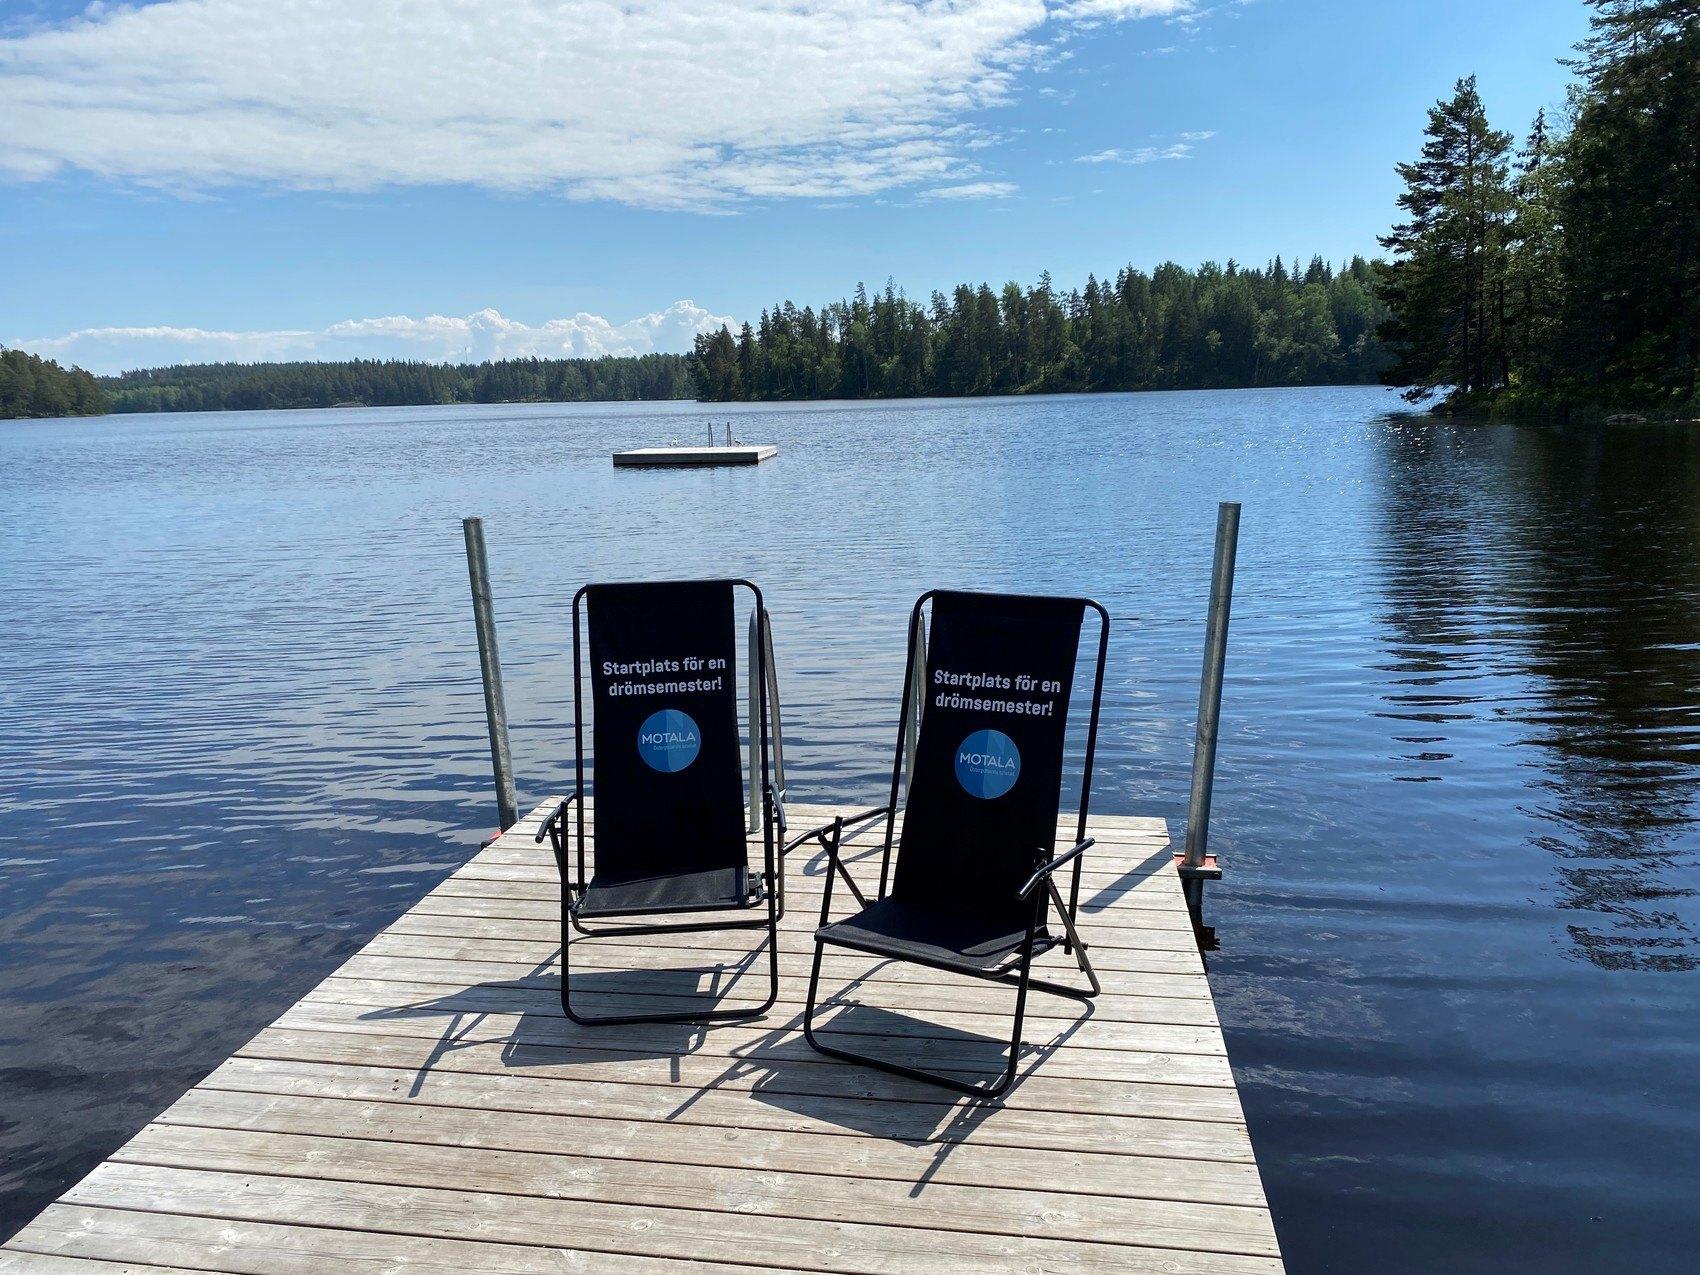 """Två svarta solstolar med texten """"Startplats för en drömsemester"""" ståendes på en brygga med en sjö i bakgrunden. En flytbrygga skymtas i bakgrunden."""